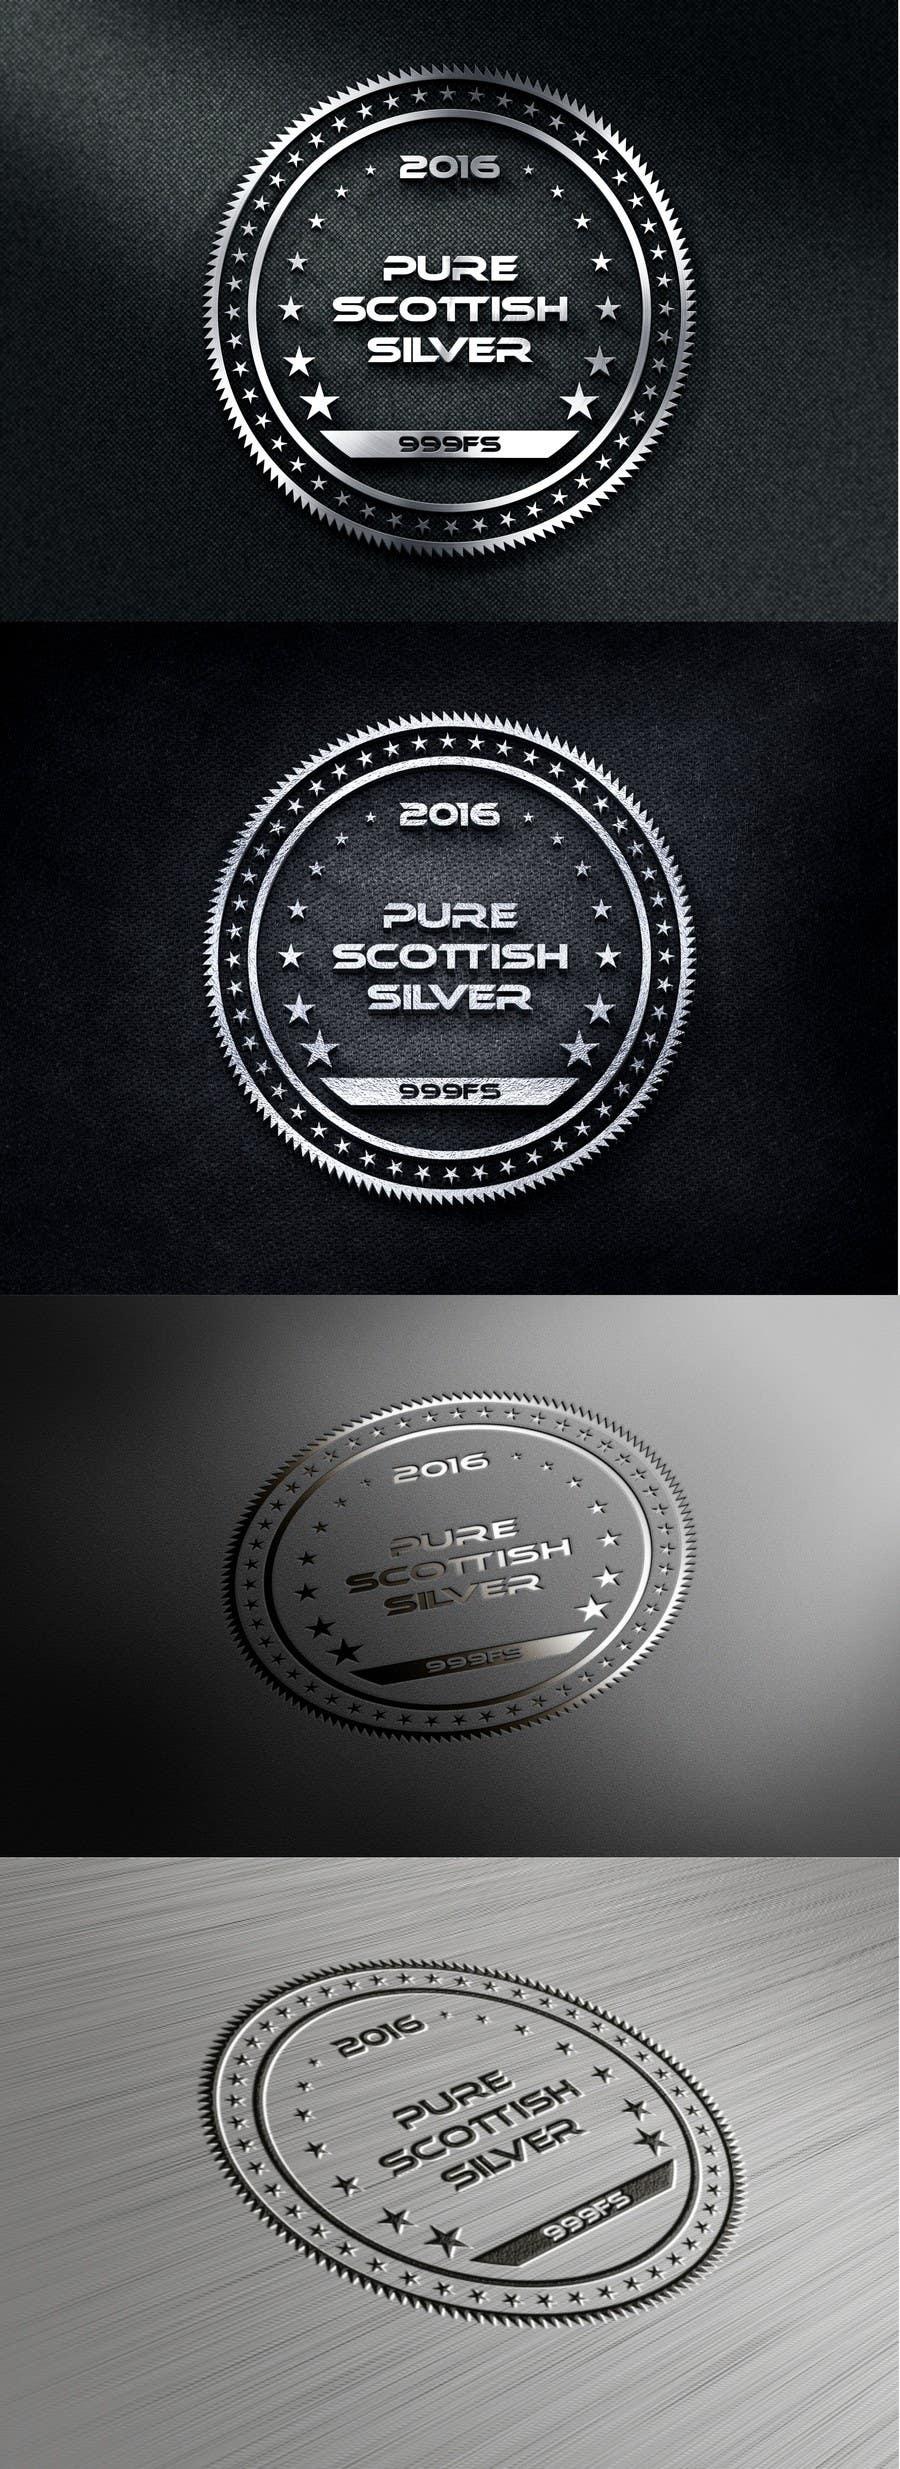 Penyertaan Peraduan #                                        61                                      untuk                                         Design a Logo